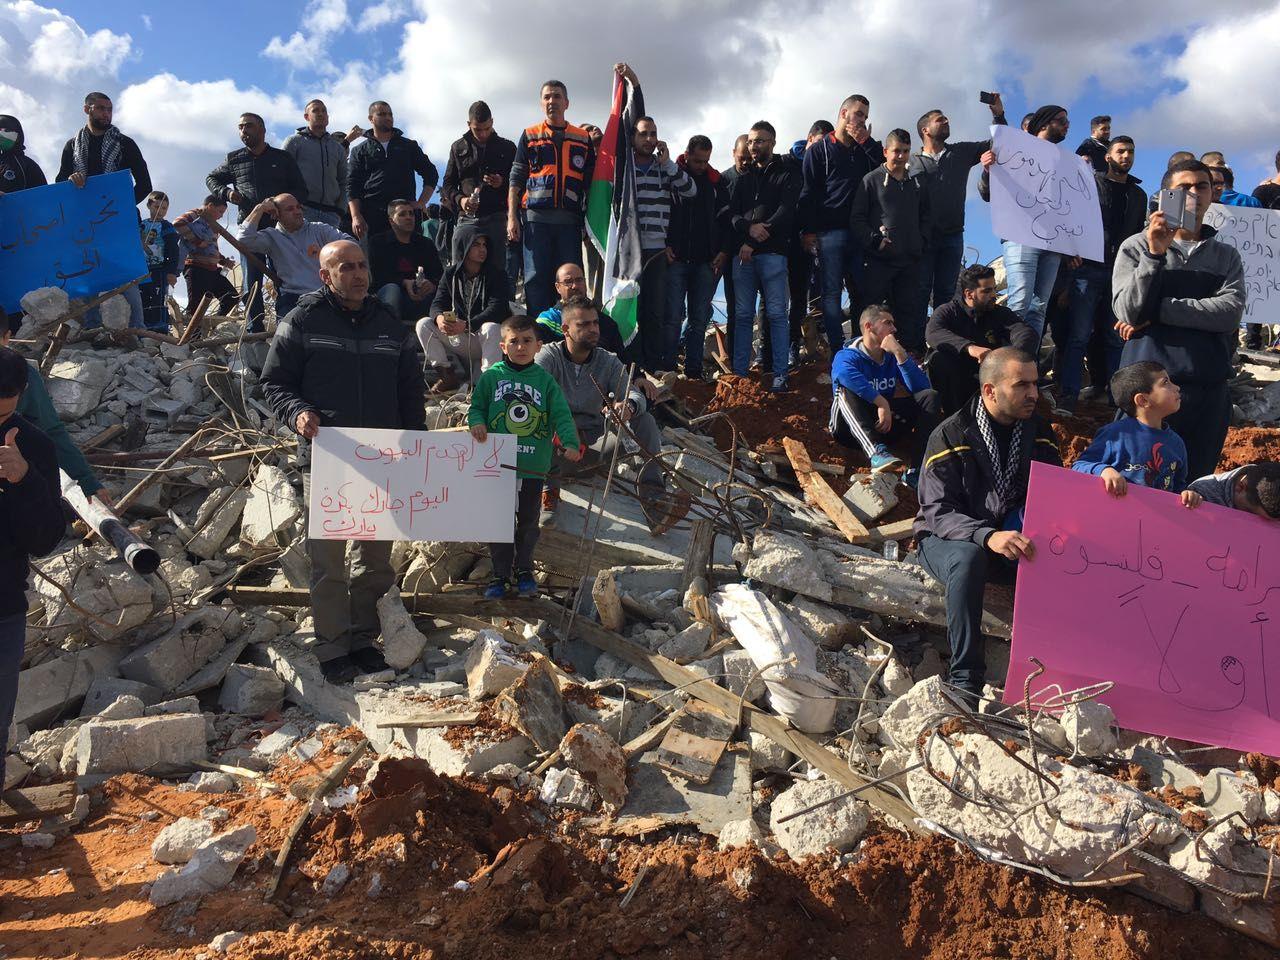 Israël: manifestation après la démolition de 11 maisons à Qalansawe